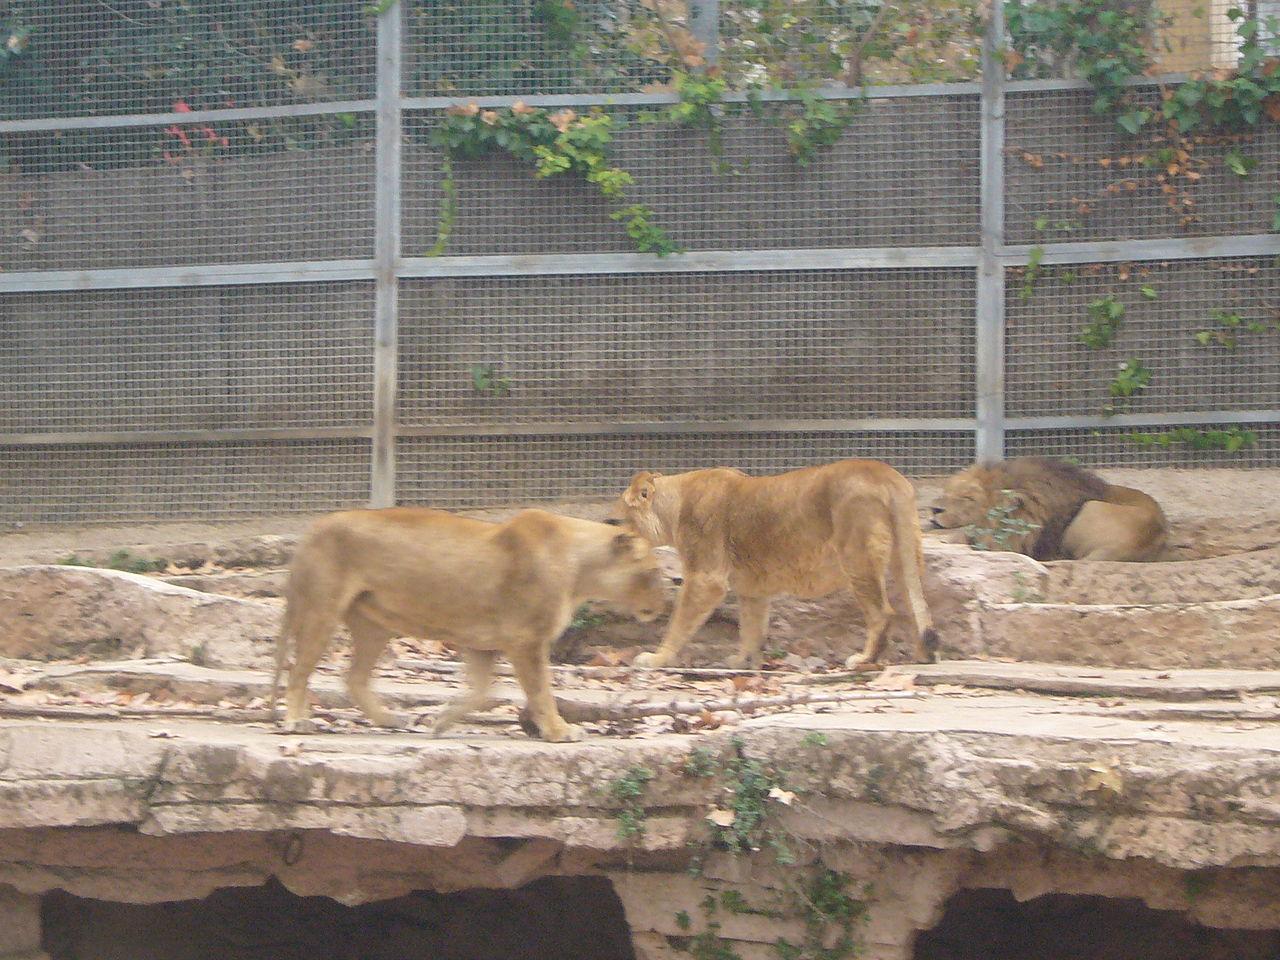 Lejon i Spanien har testats positivt för covid-19